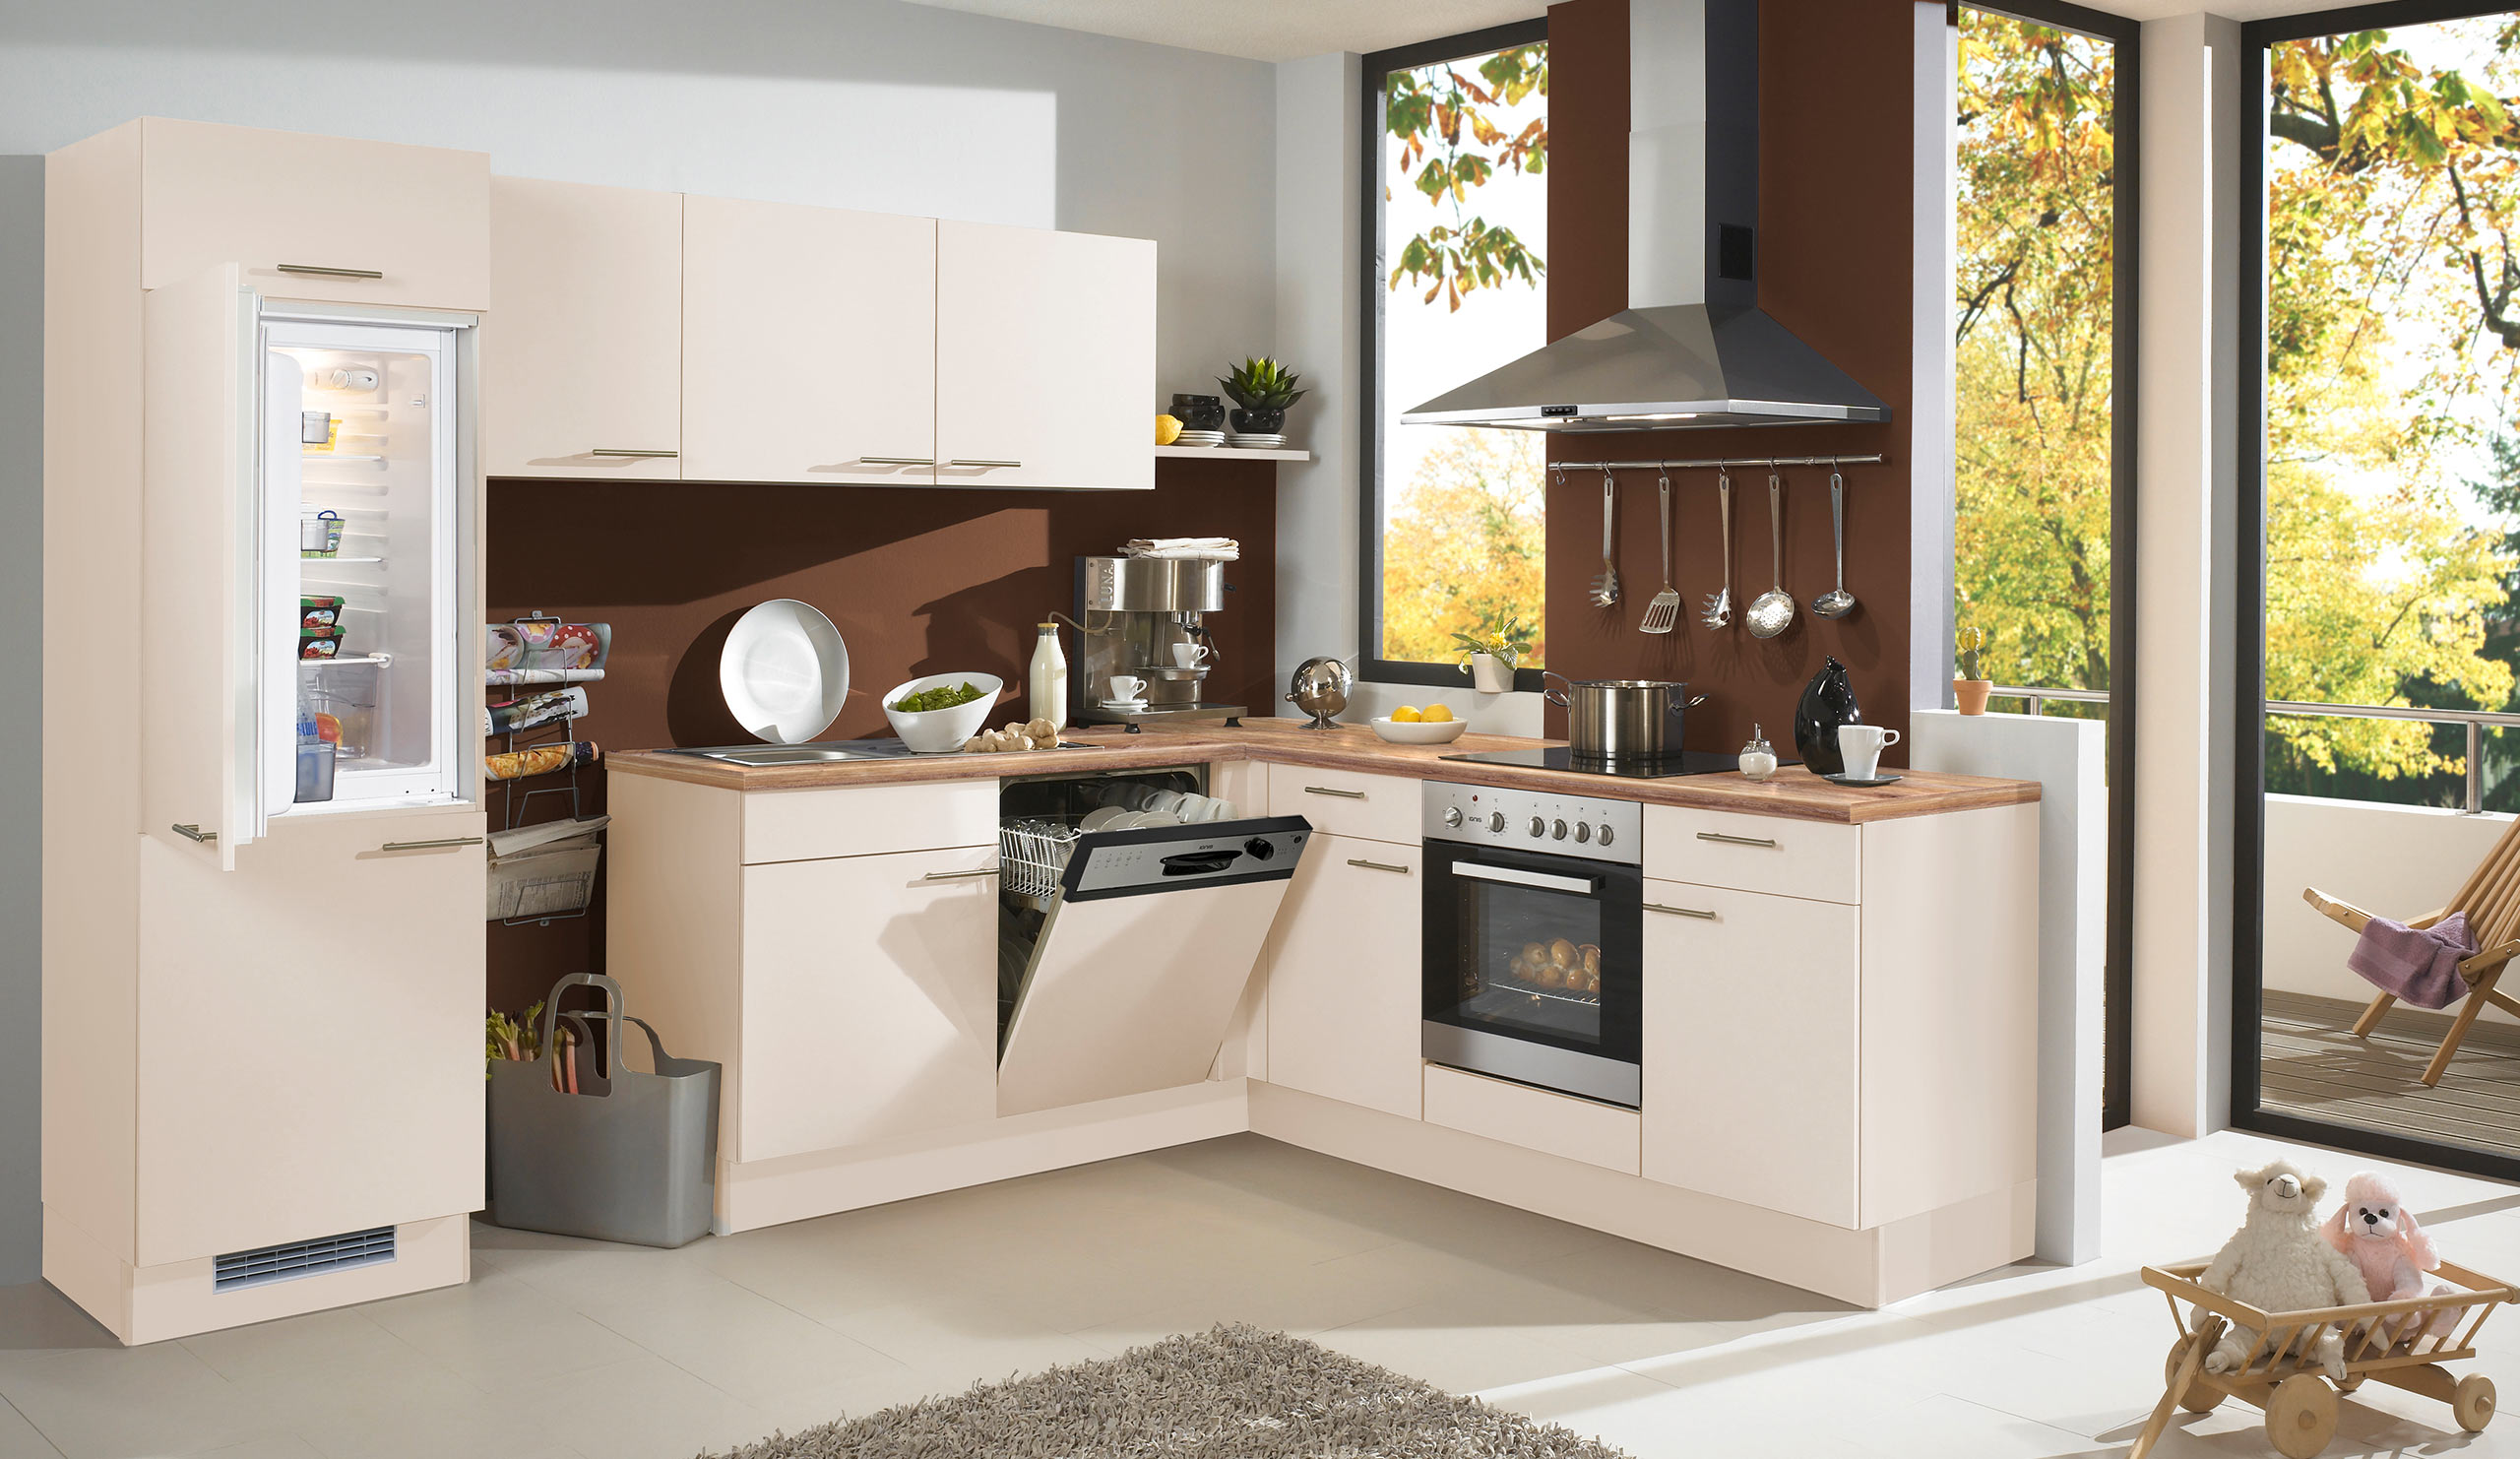 Full Size of Basic Einbaukche Pura 0080 Magnolienweiss Kchenquelle Küchen Regal Wohnzimmer Küchen Quelle